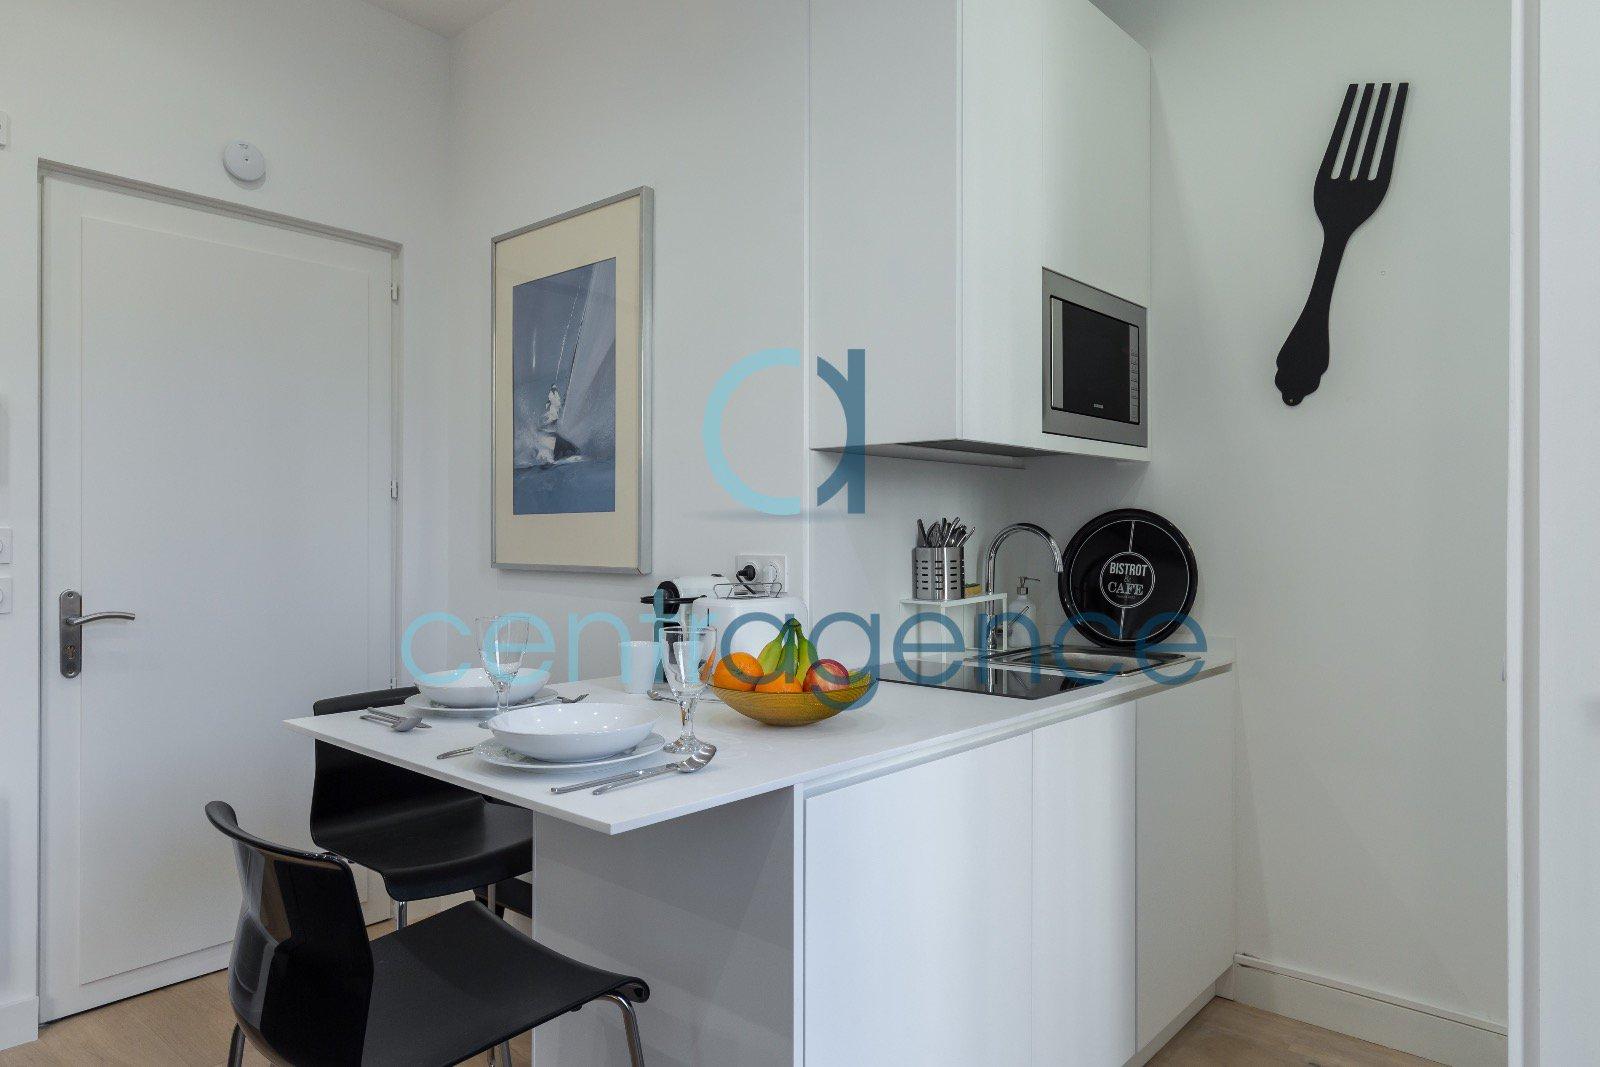 Location étudiante - Studio de 22 m2 en centre ville